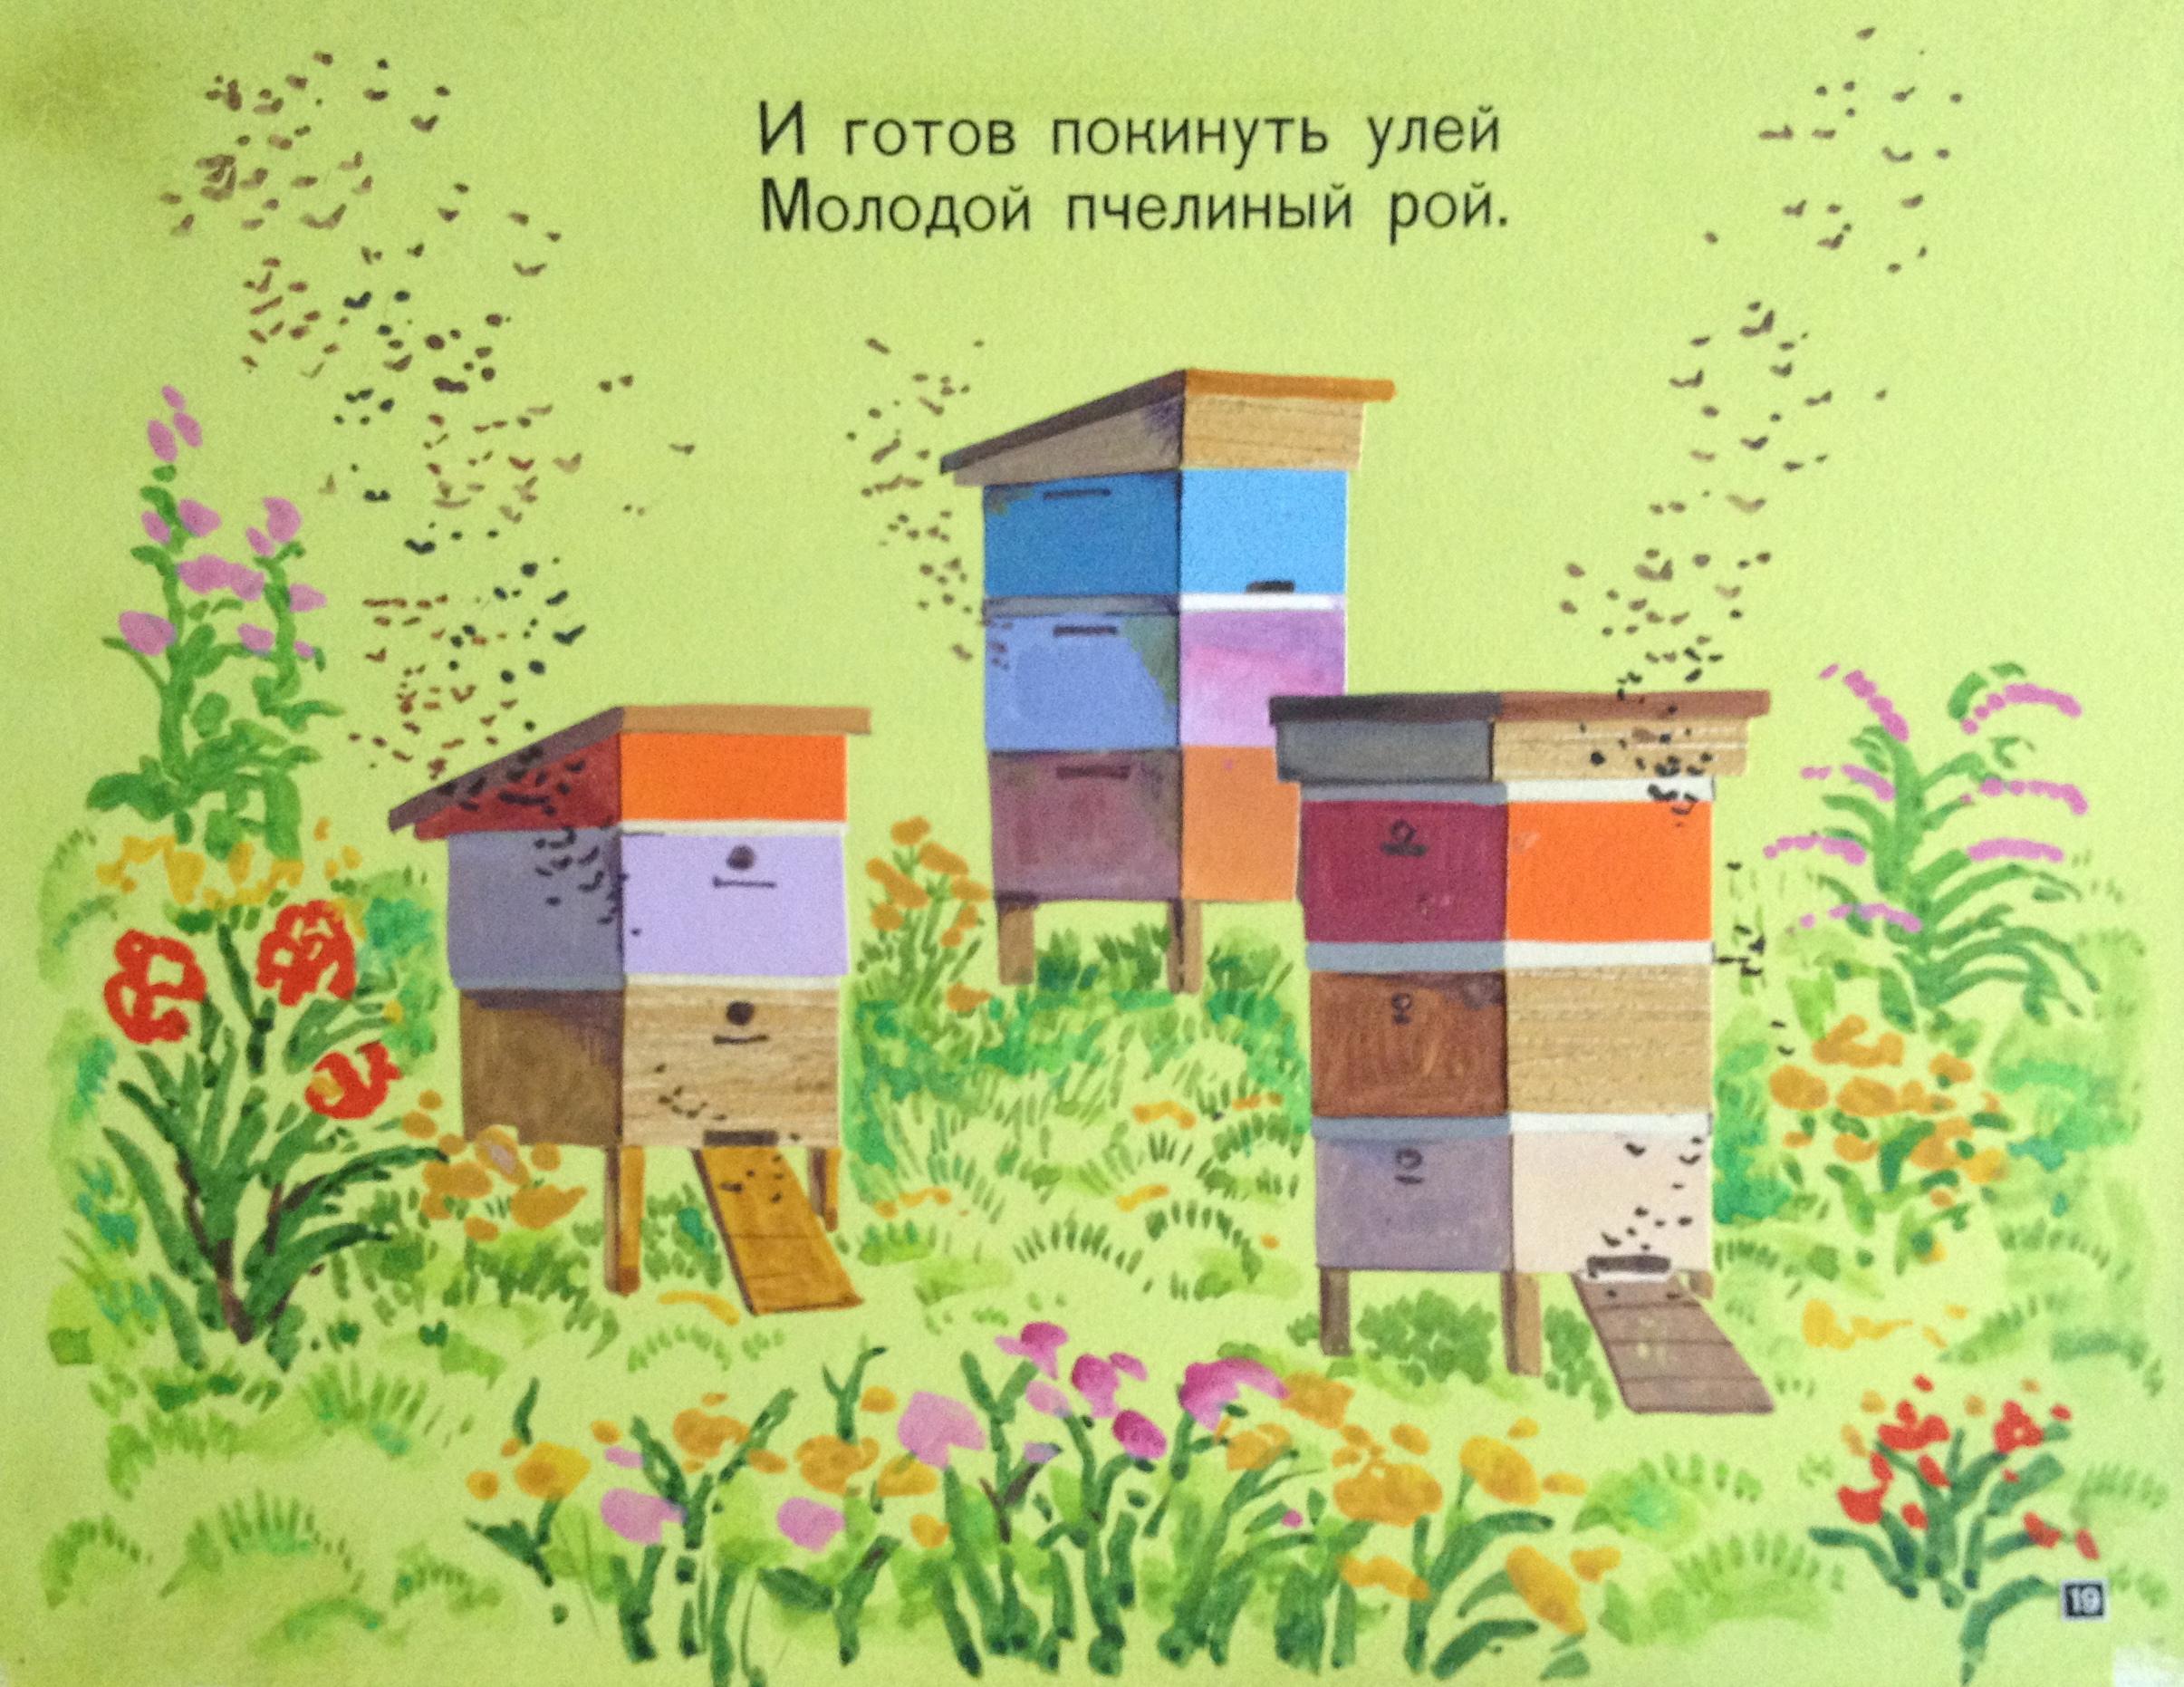 Зеброва Тамара Александровна. И готов покинуть улей молодой пчелиный рой.